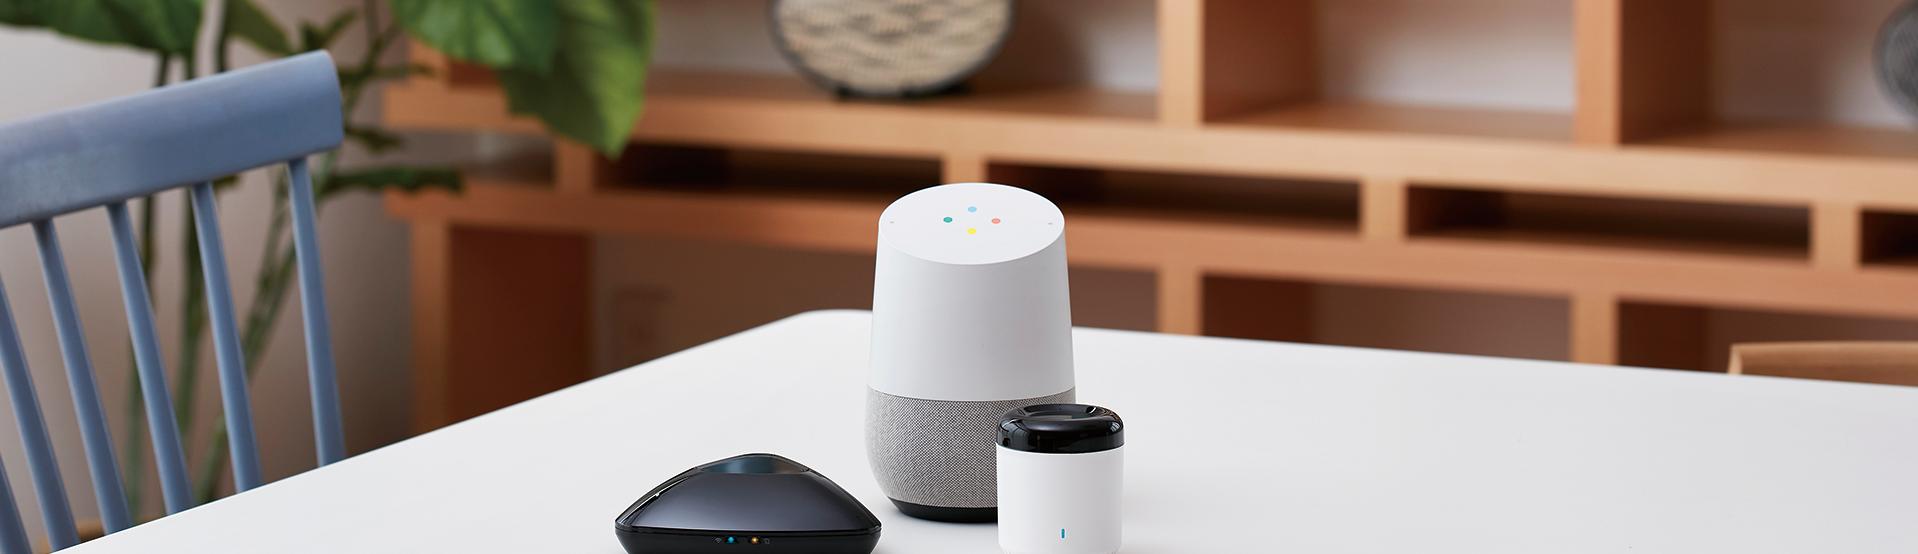 Google Homeとの連携方法メイン画像